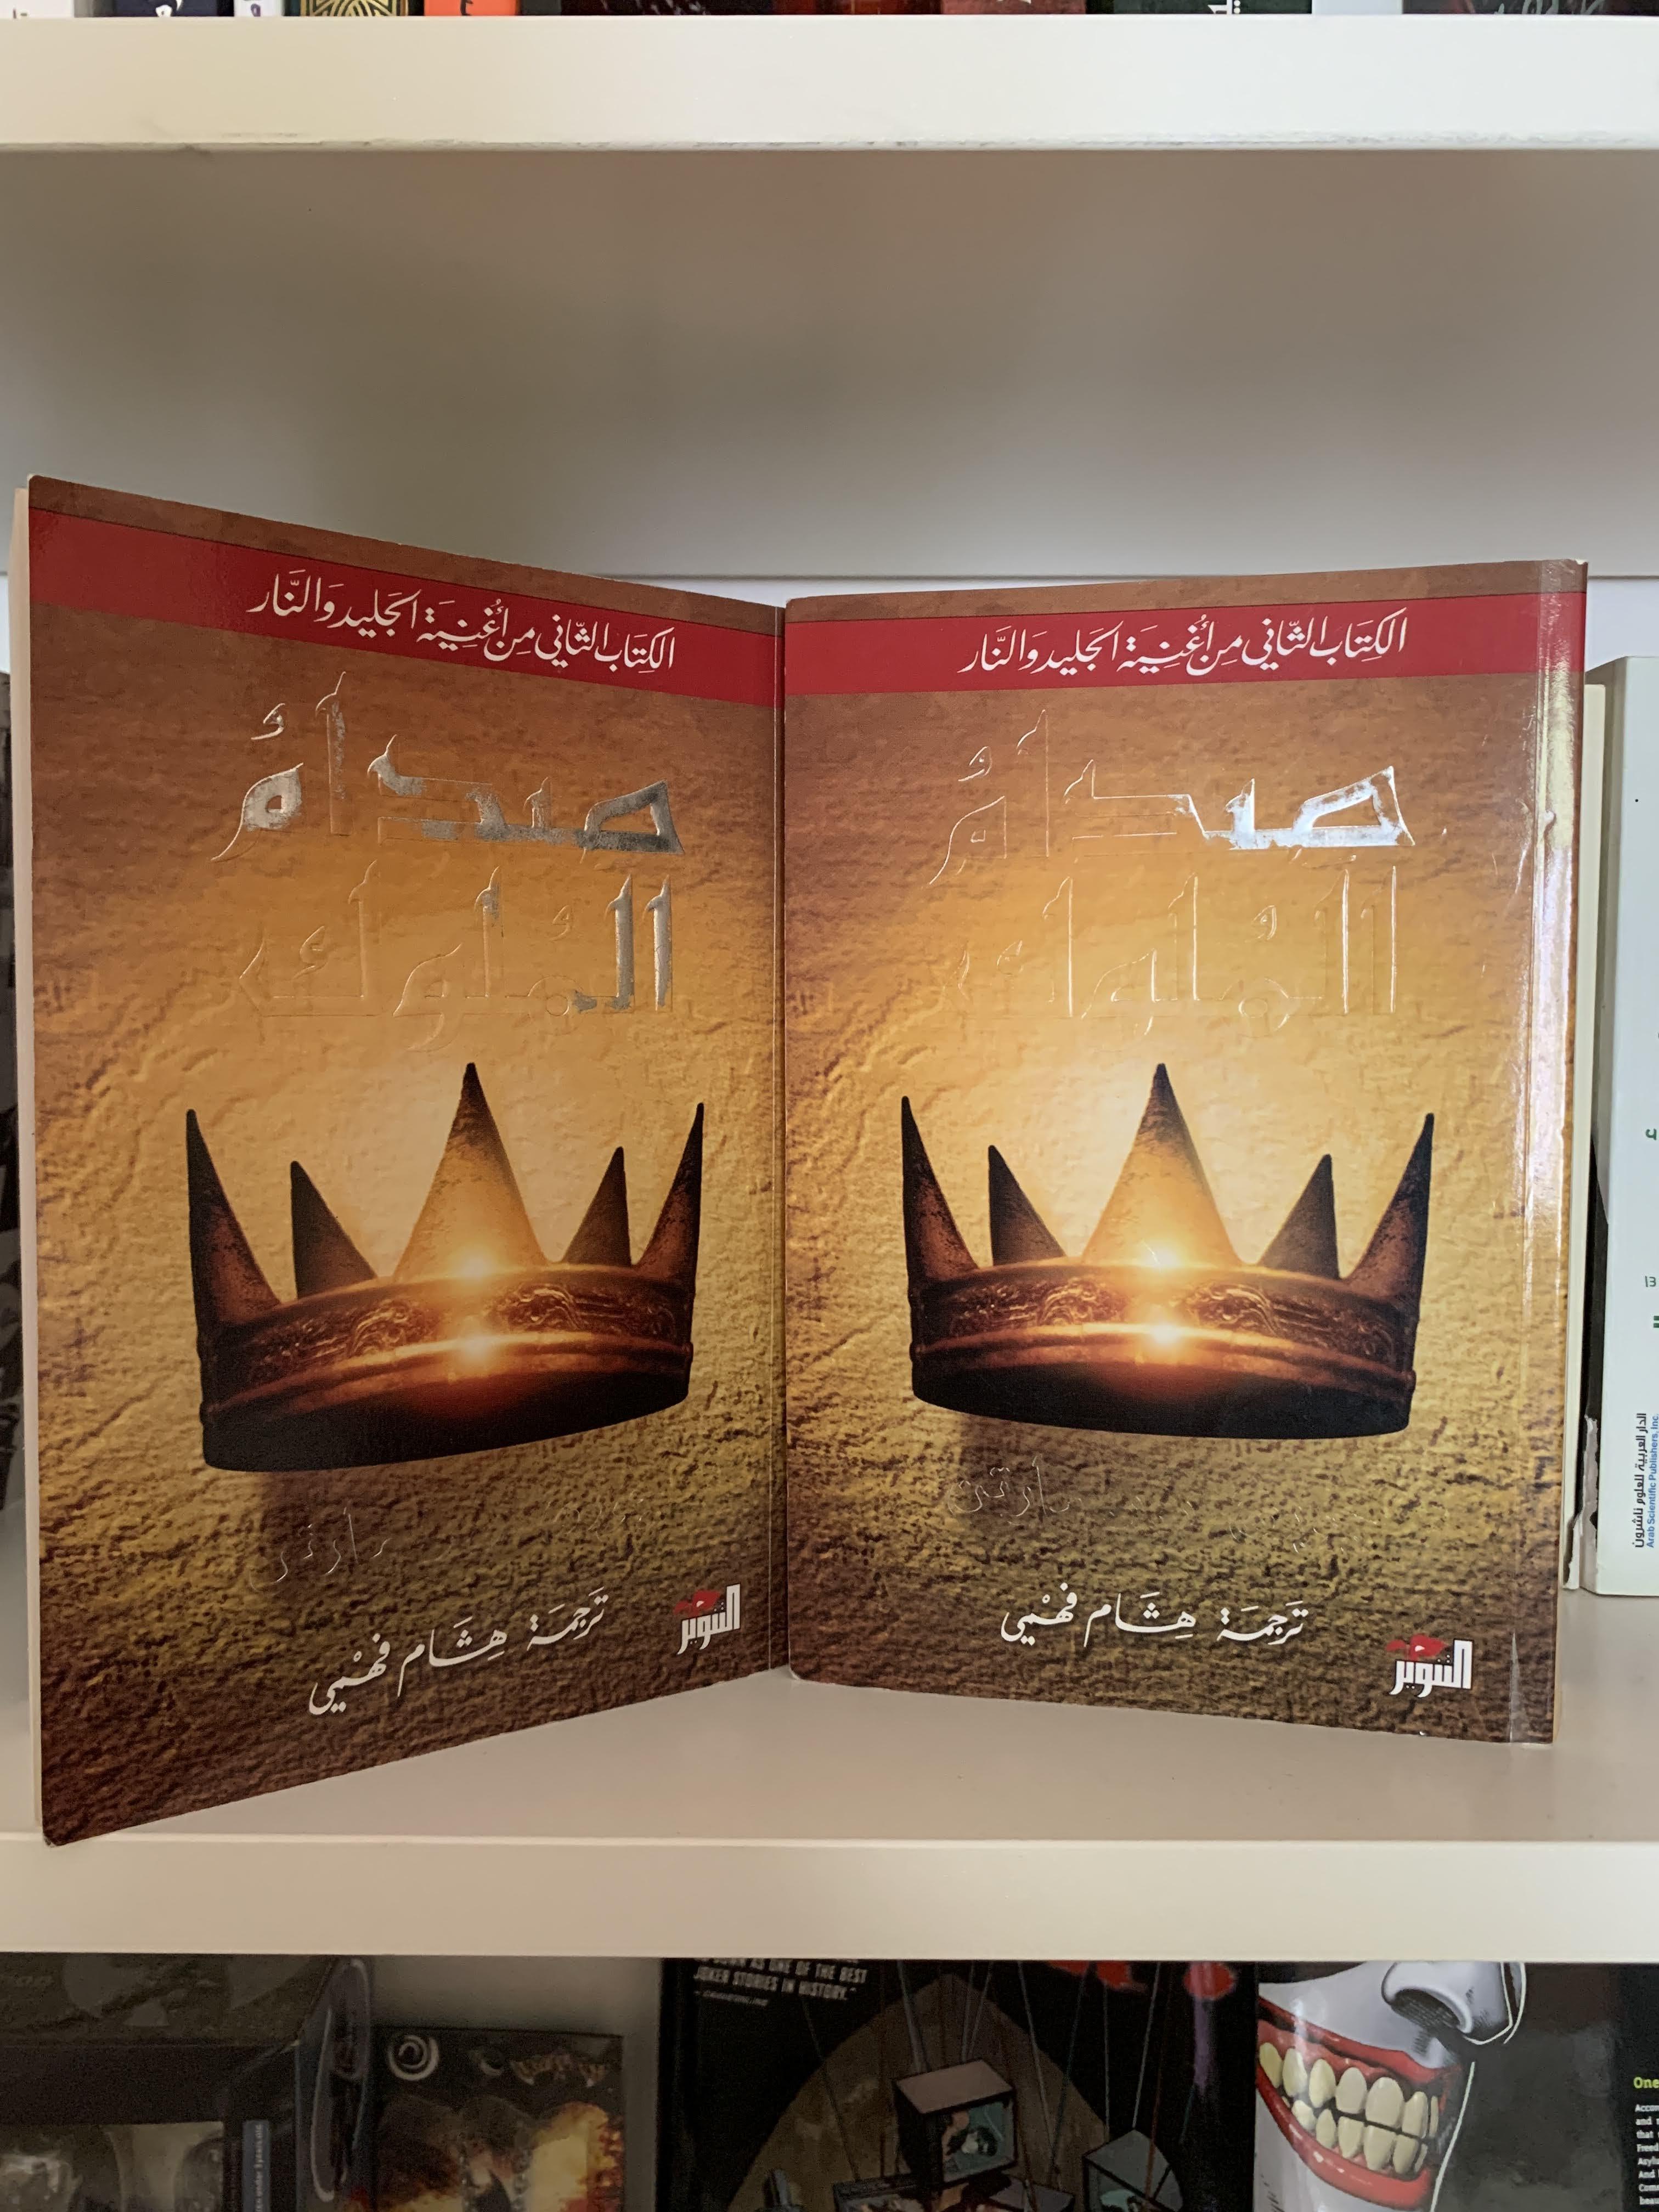 صدام الملوك هشام فهمي pdf